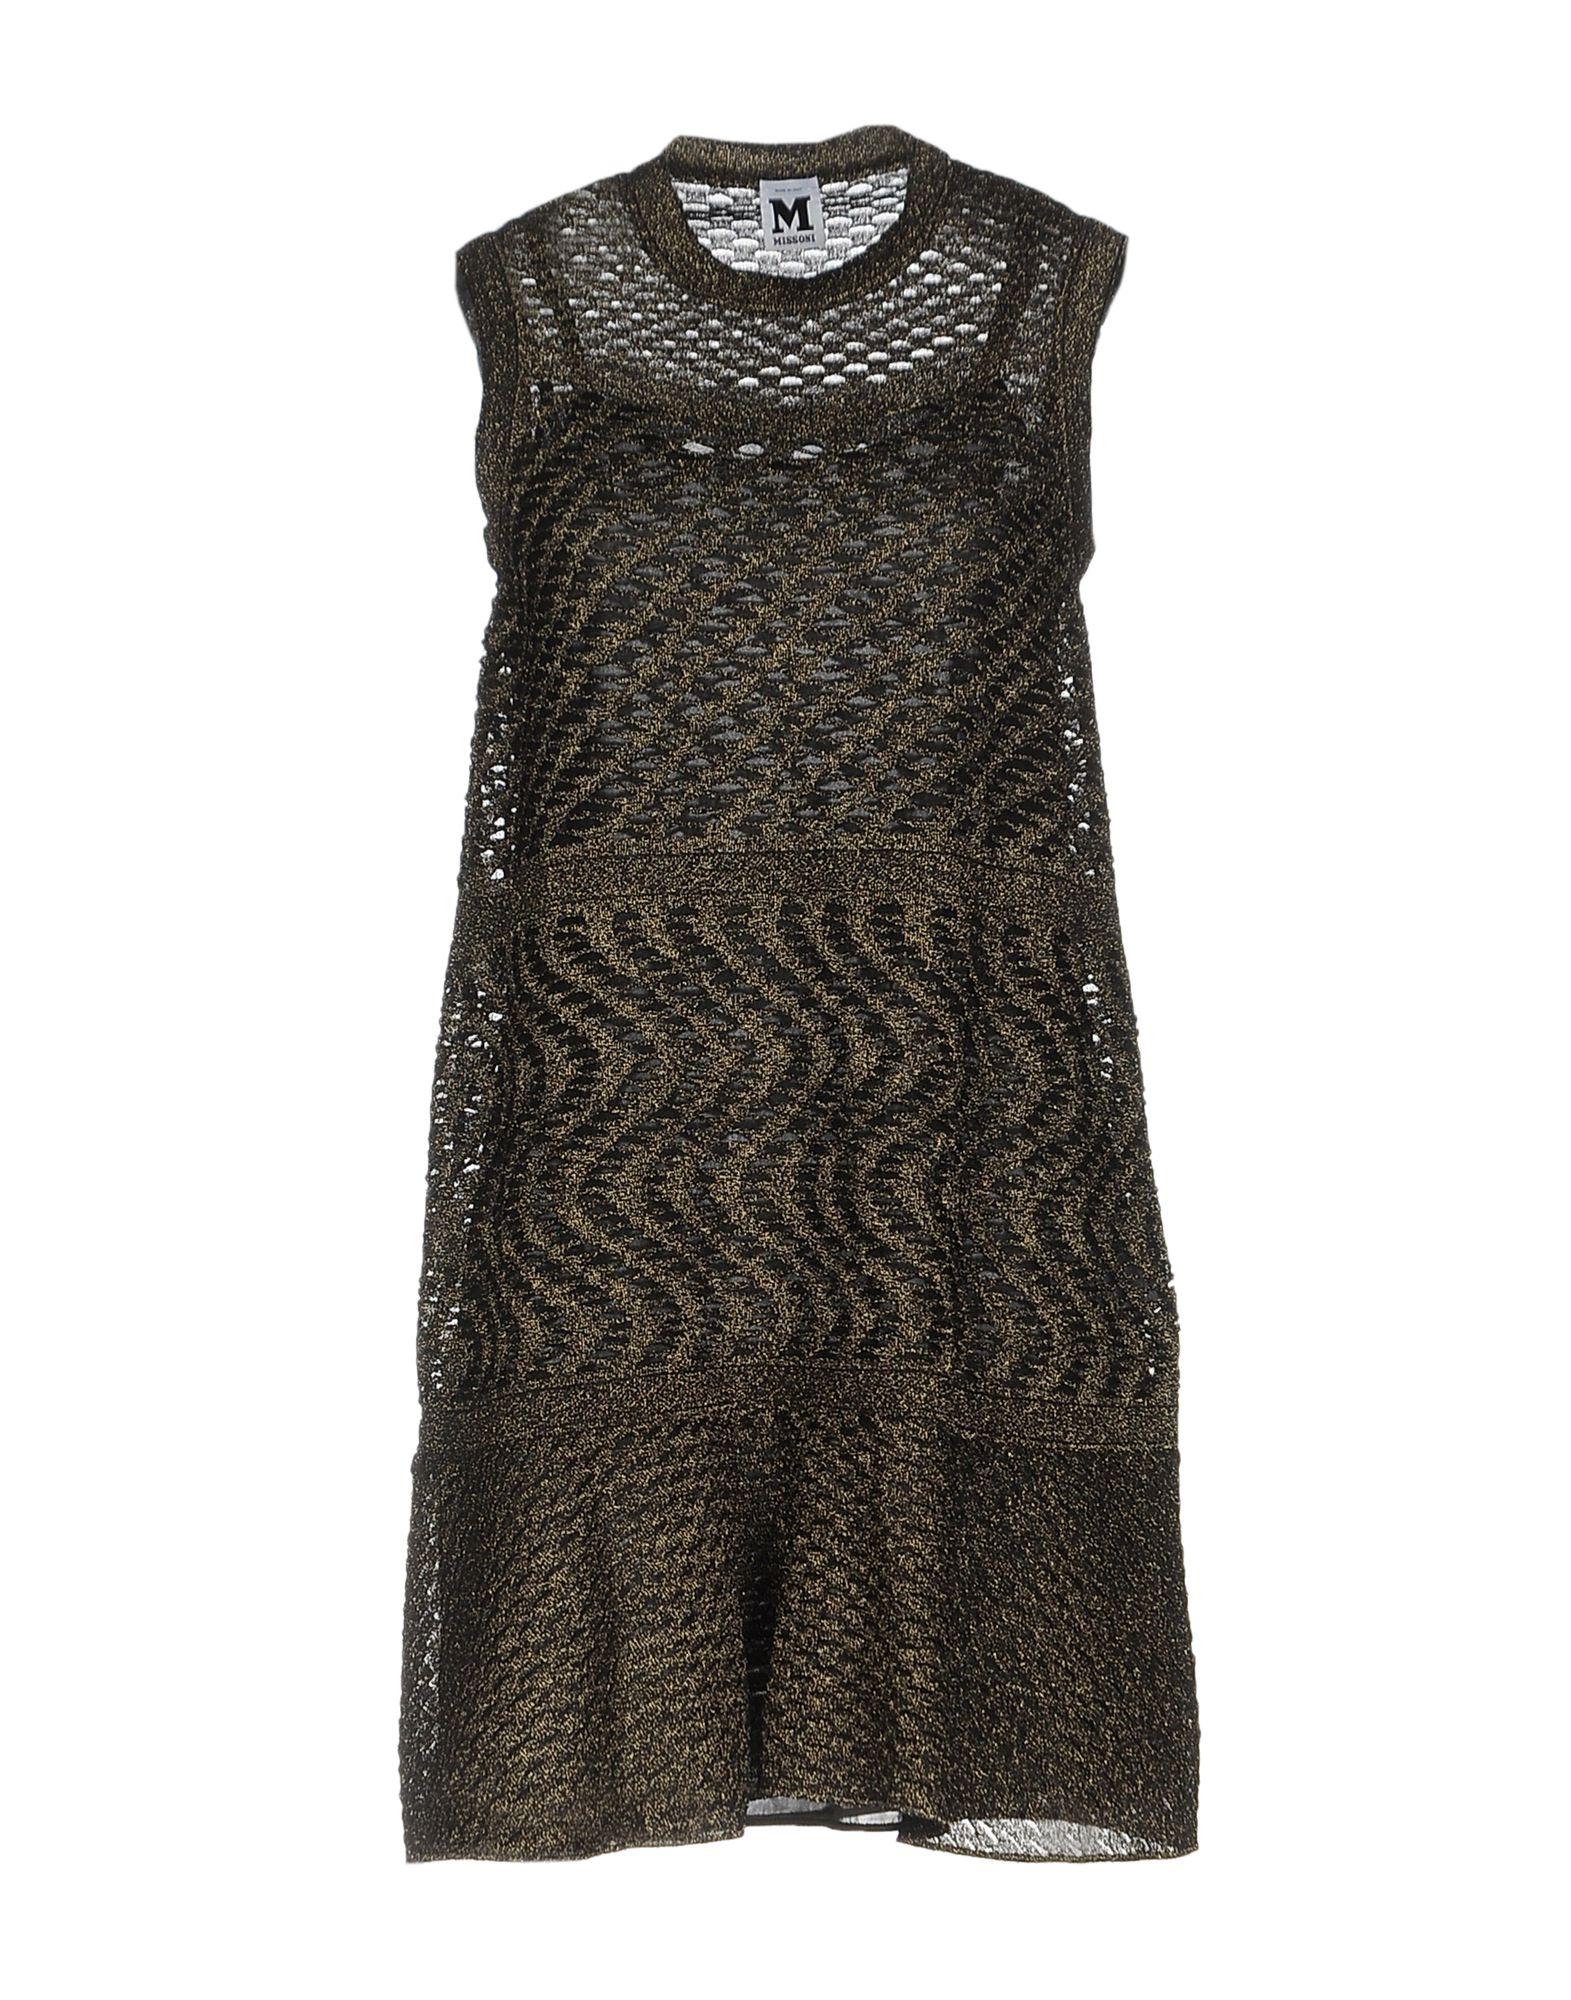 M MISSONI Damen Kurzes Kleid Farbe Gold Größe 5